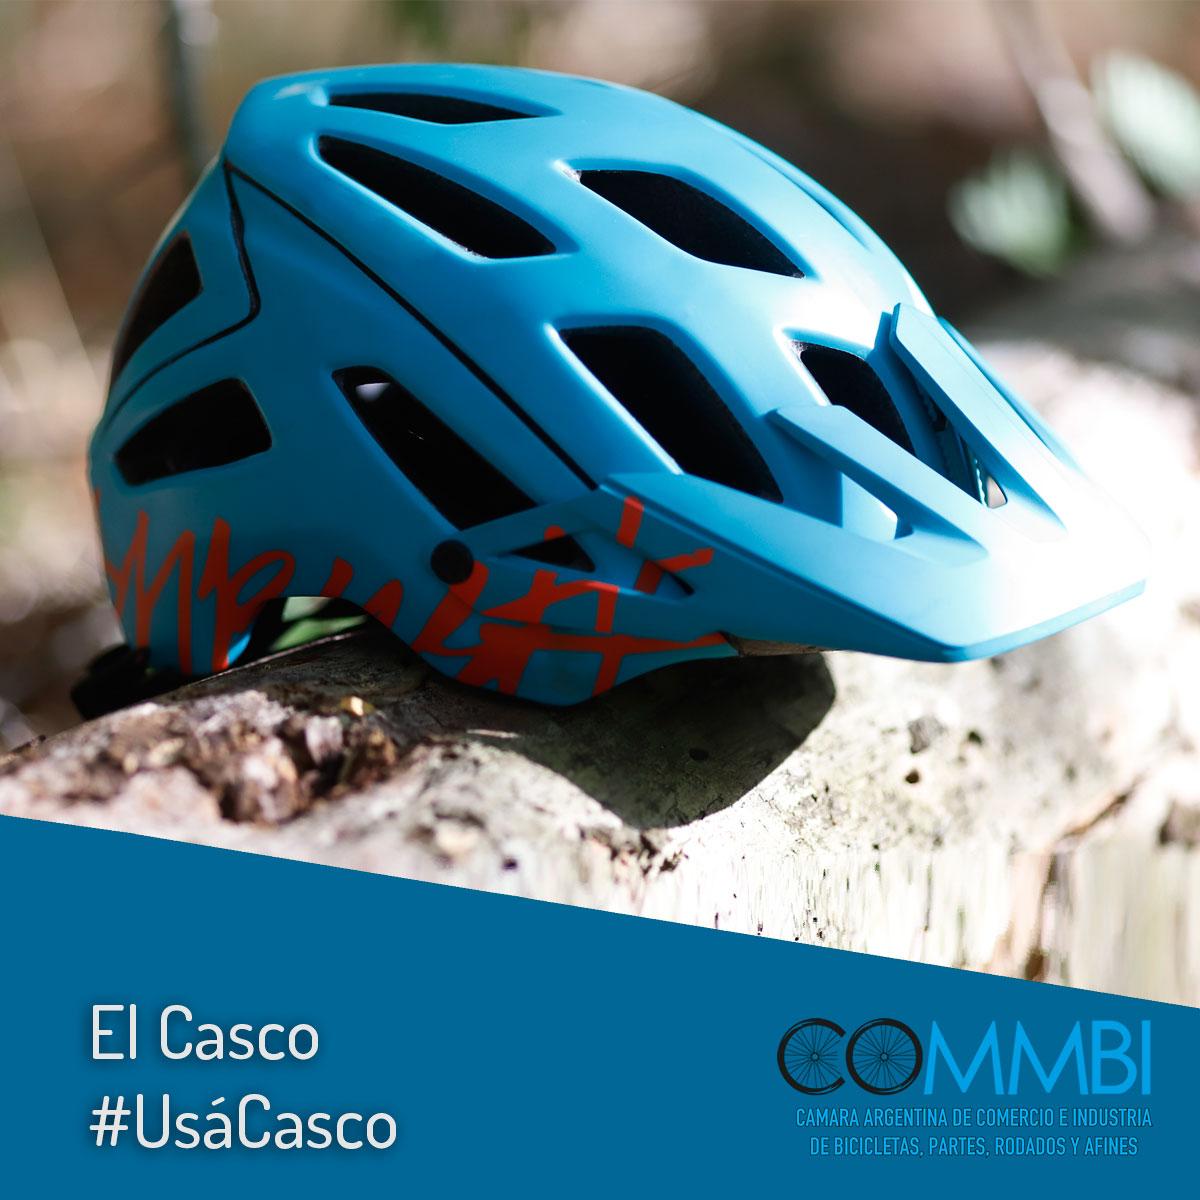 #Seguridad Ciclista: El casco